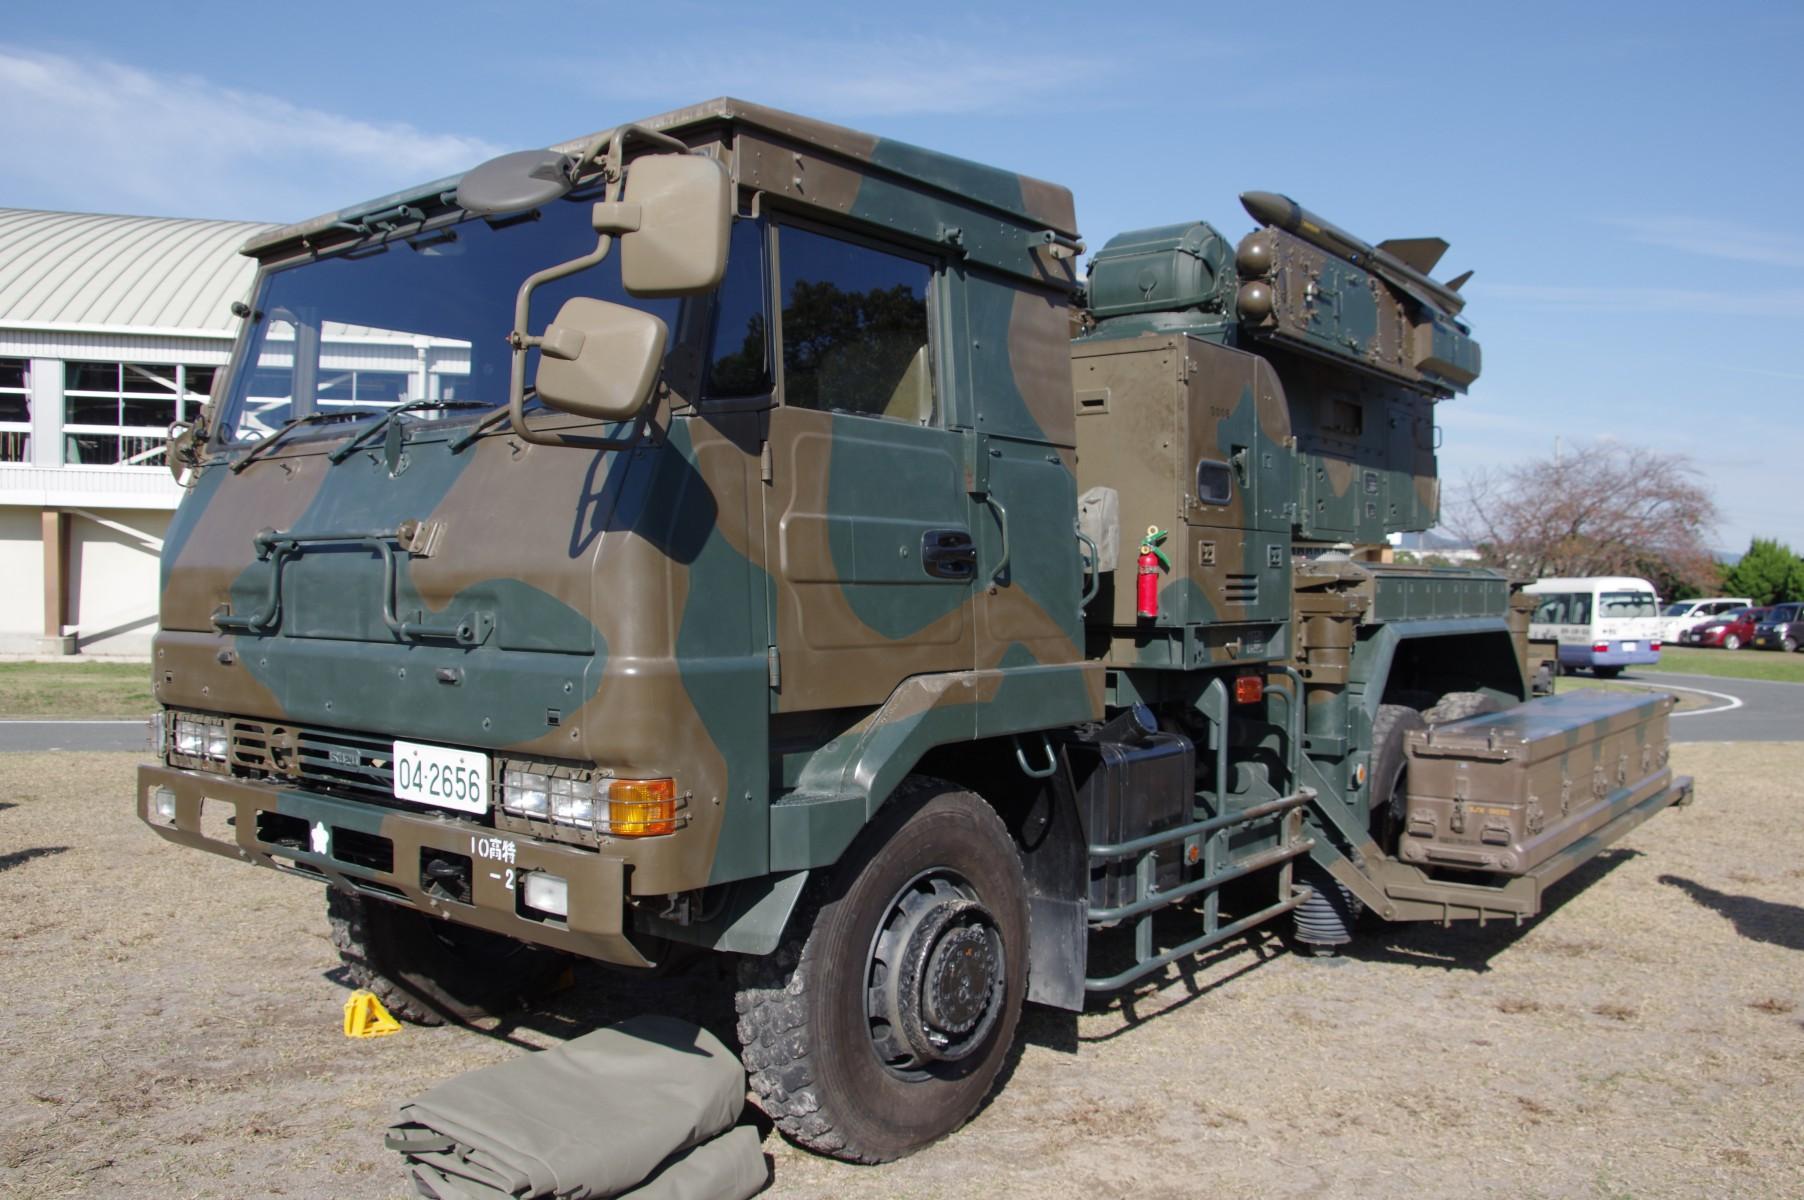 81式短距離地対空誘導弾(C)|81短SAM・SAM-1|陸上自衛隊装備品|陸自 ...